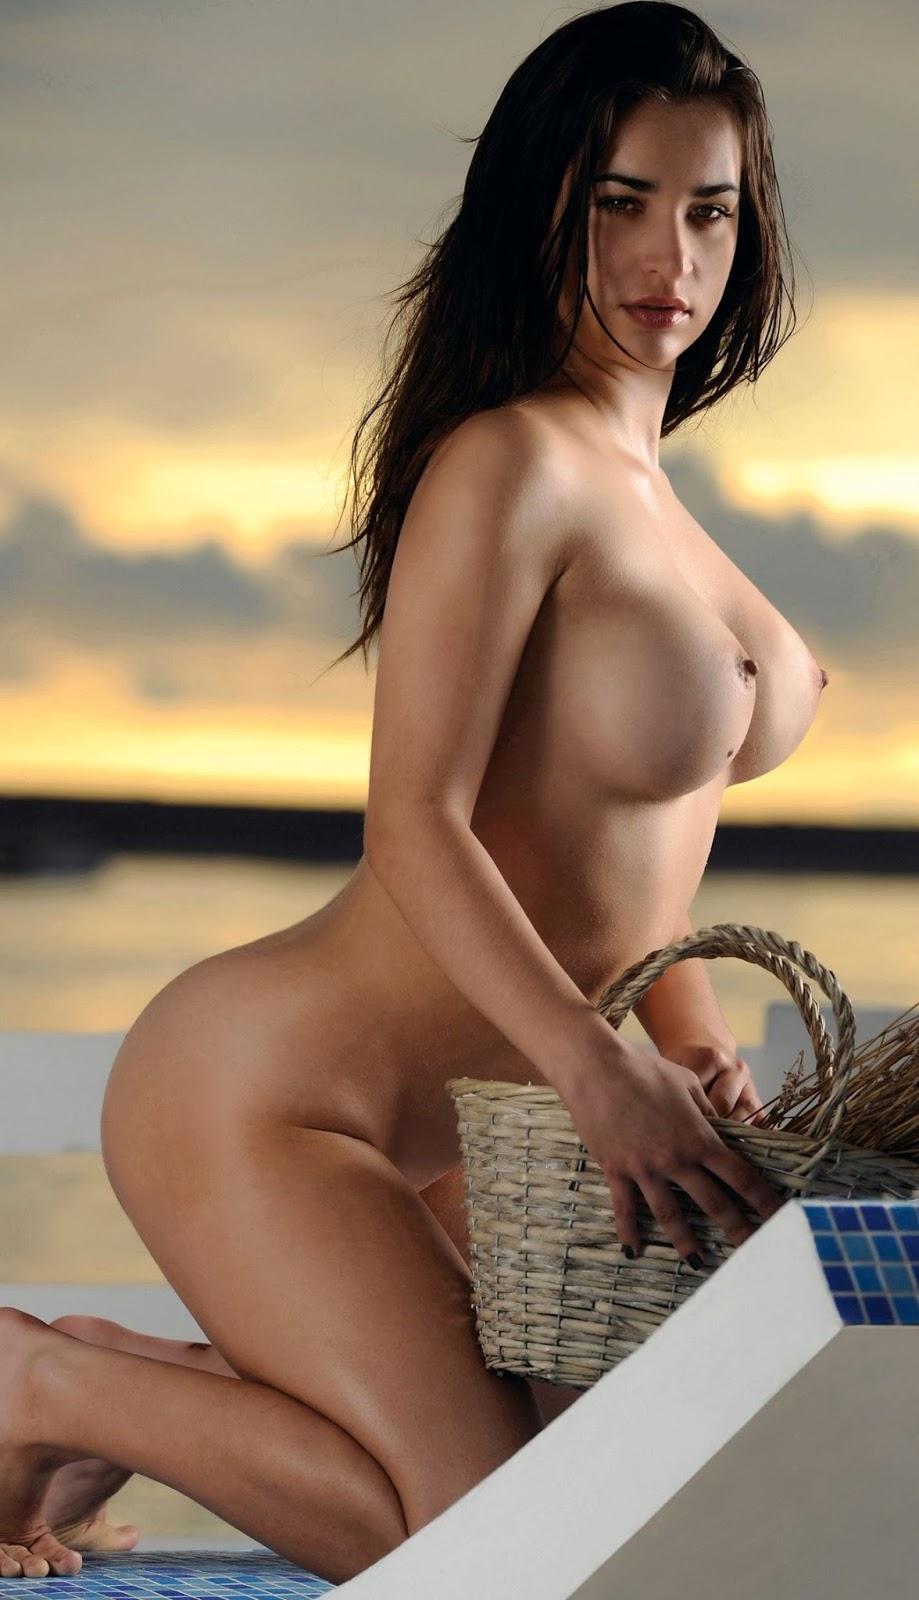 chicas masajistas desnudas nenas putas fotos gratis